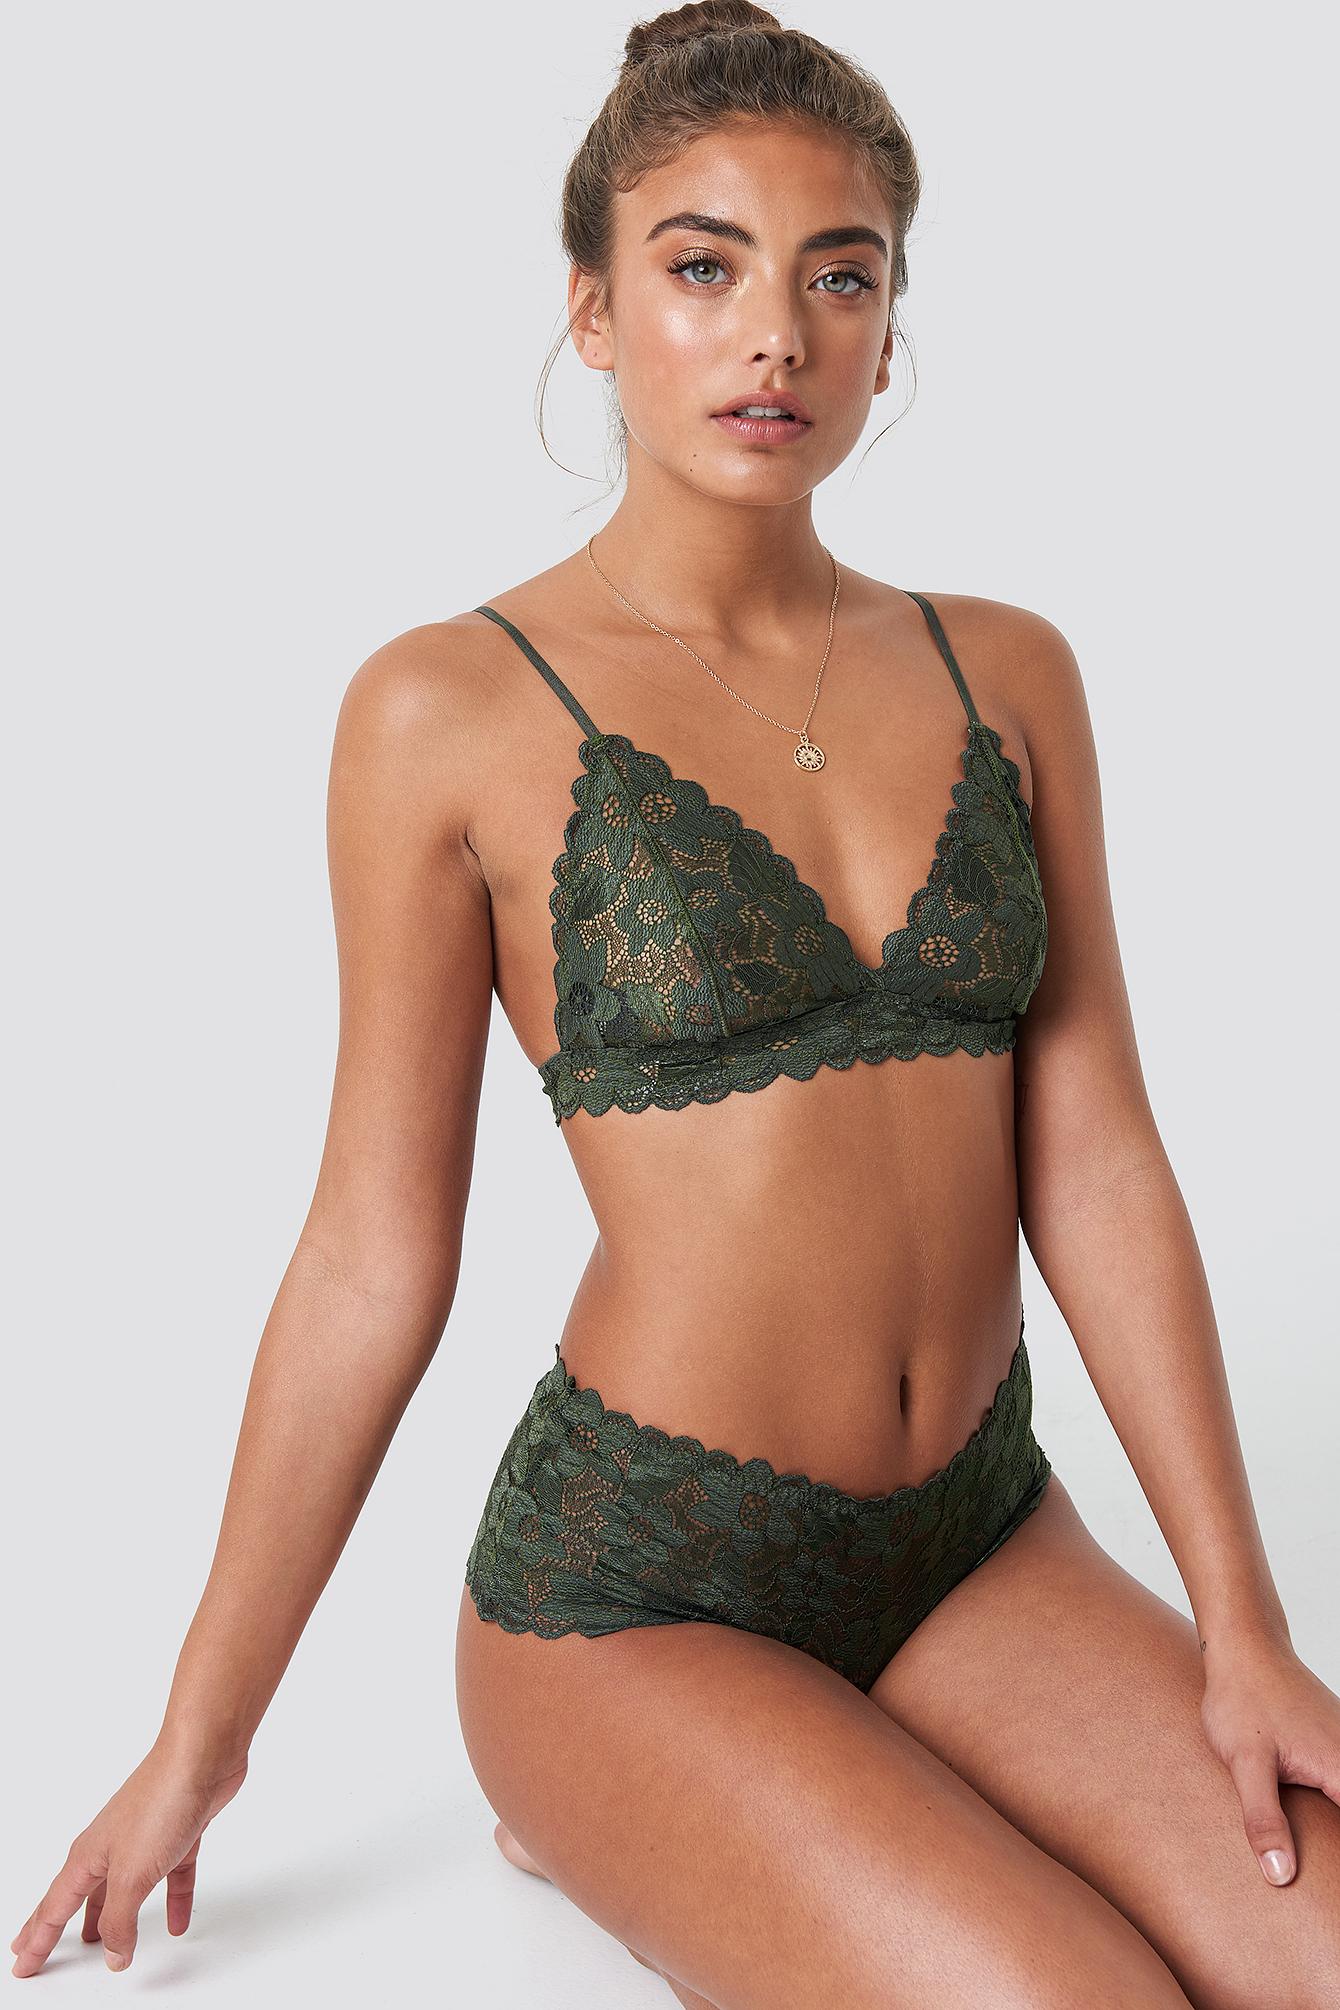 MARILYN PANTIES 6356 - GREEN